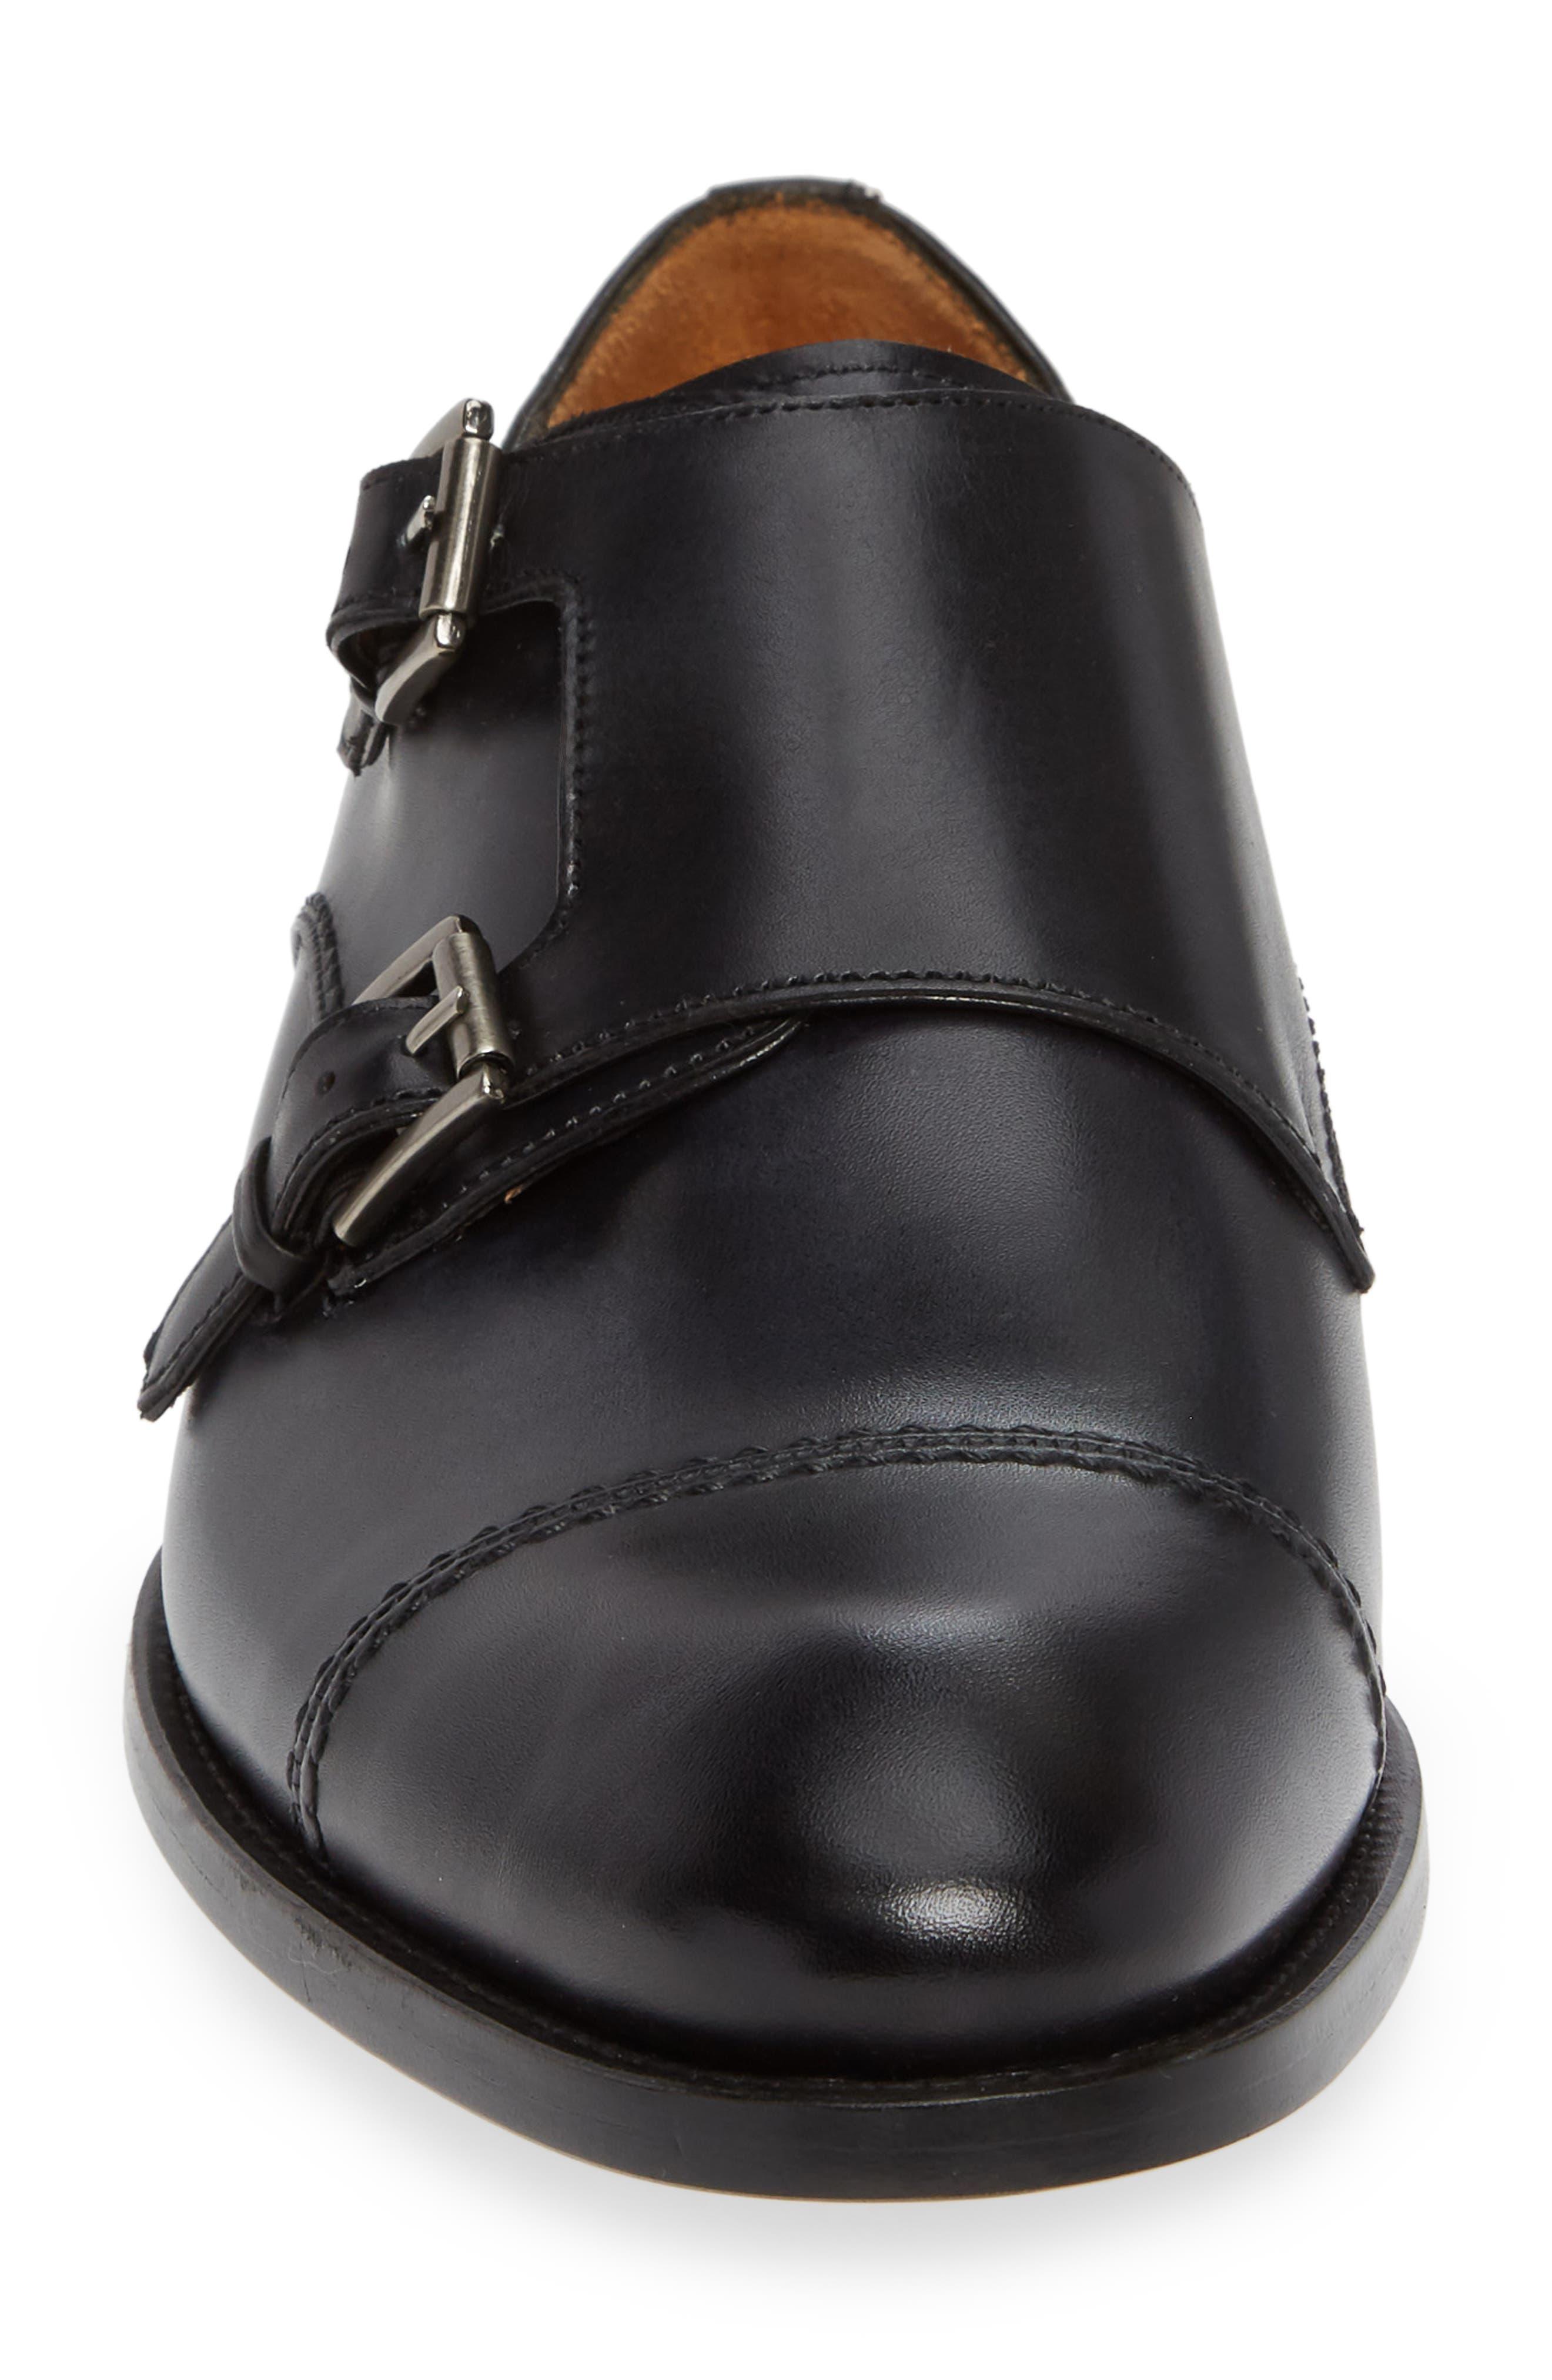 Acosta Double Strap Cap Toe Monk Shoe,                             Alternate thumbnail 4, color,                             BLACK LEATHER